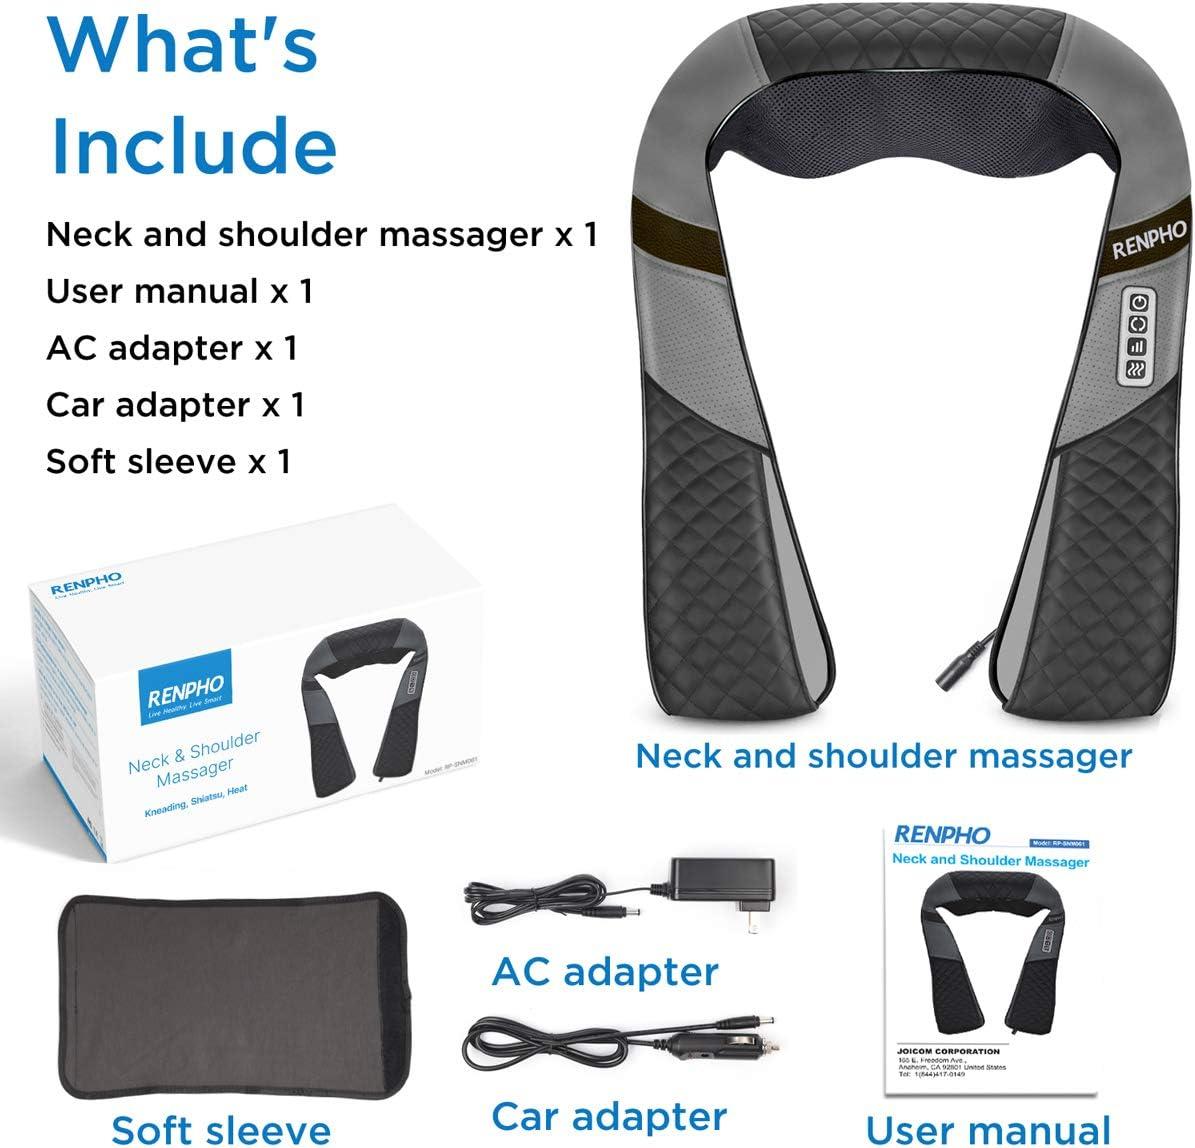 Lieferumfang des Renpho Nackenmassagegeräts